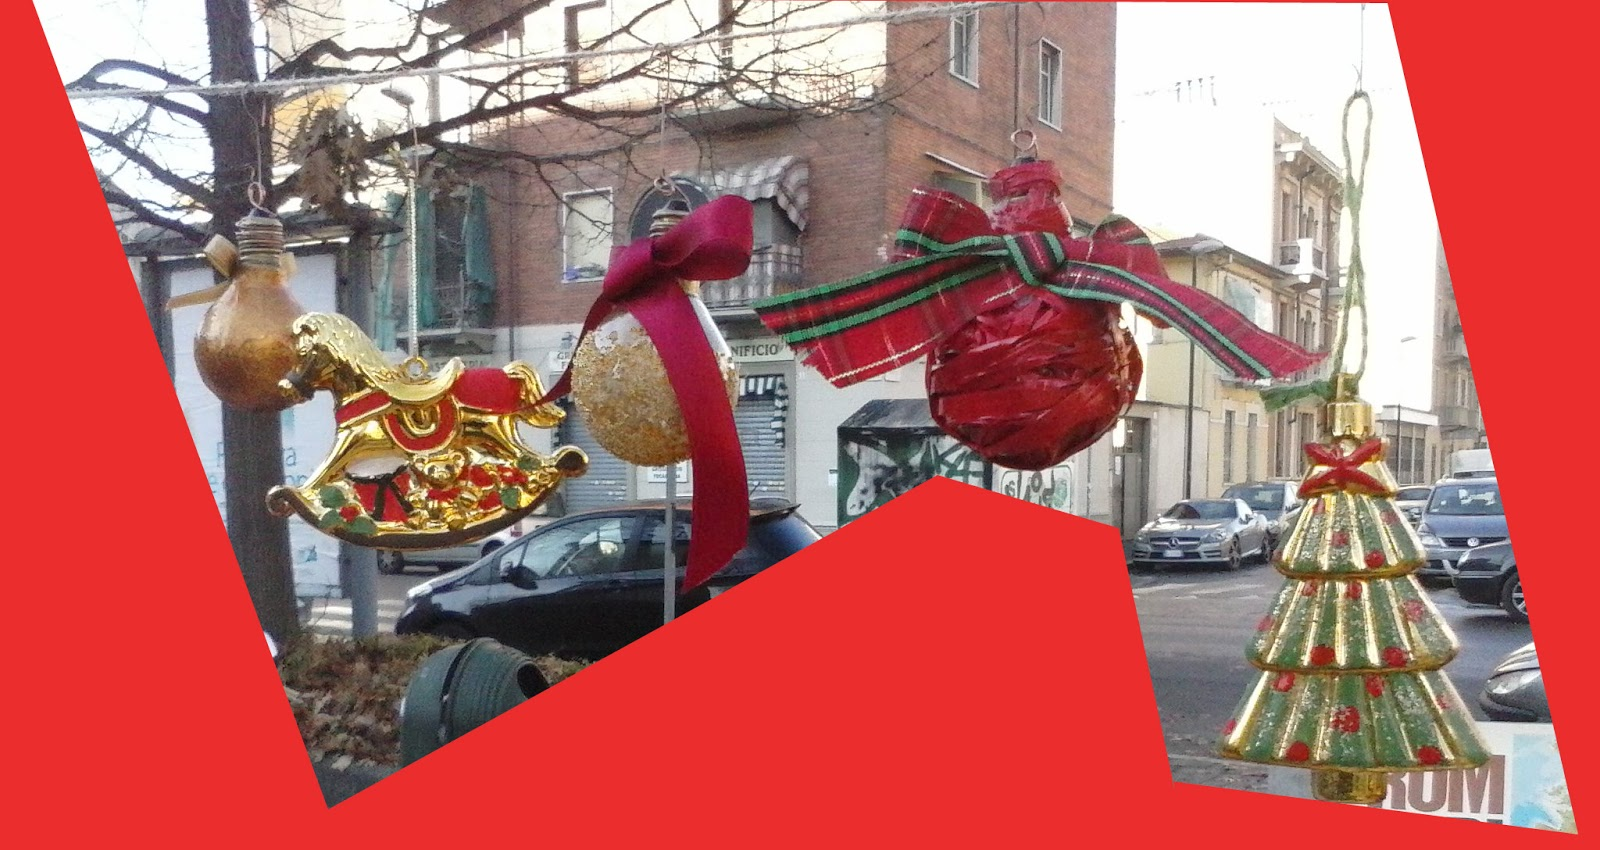 Lampadine Decorate Per Natale: Lampadine decorate per natale decorazioni natalizie con il riciclo.